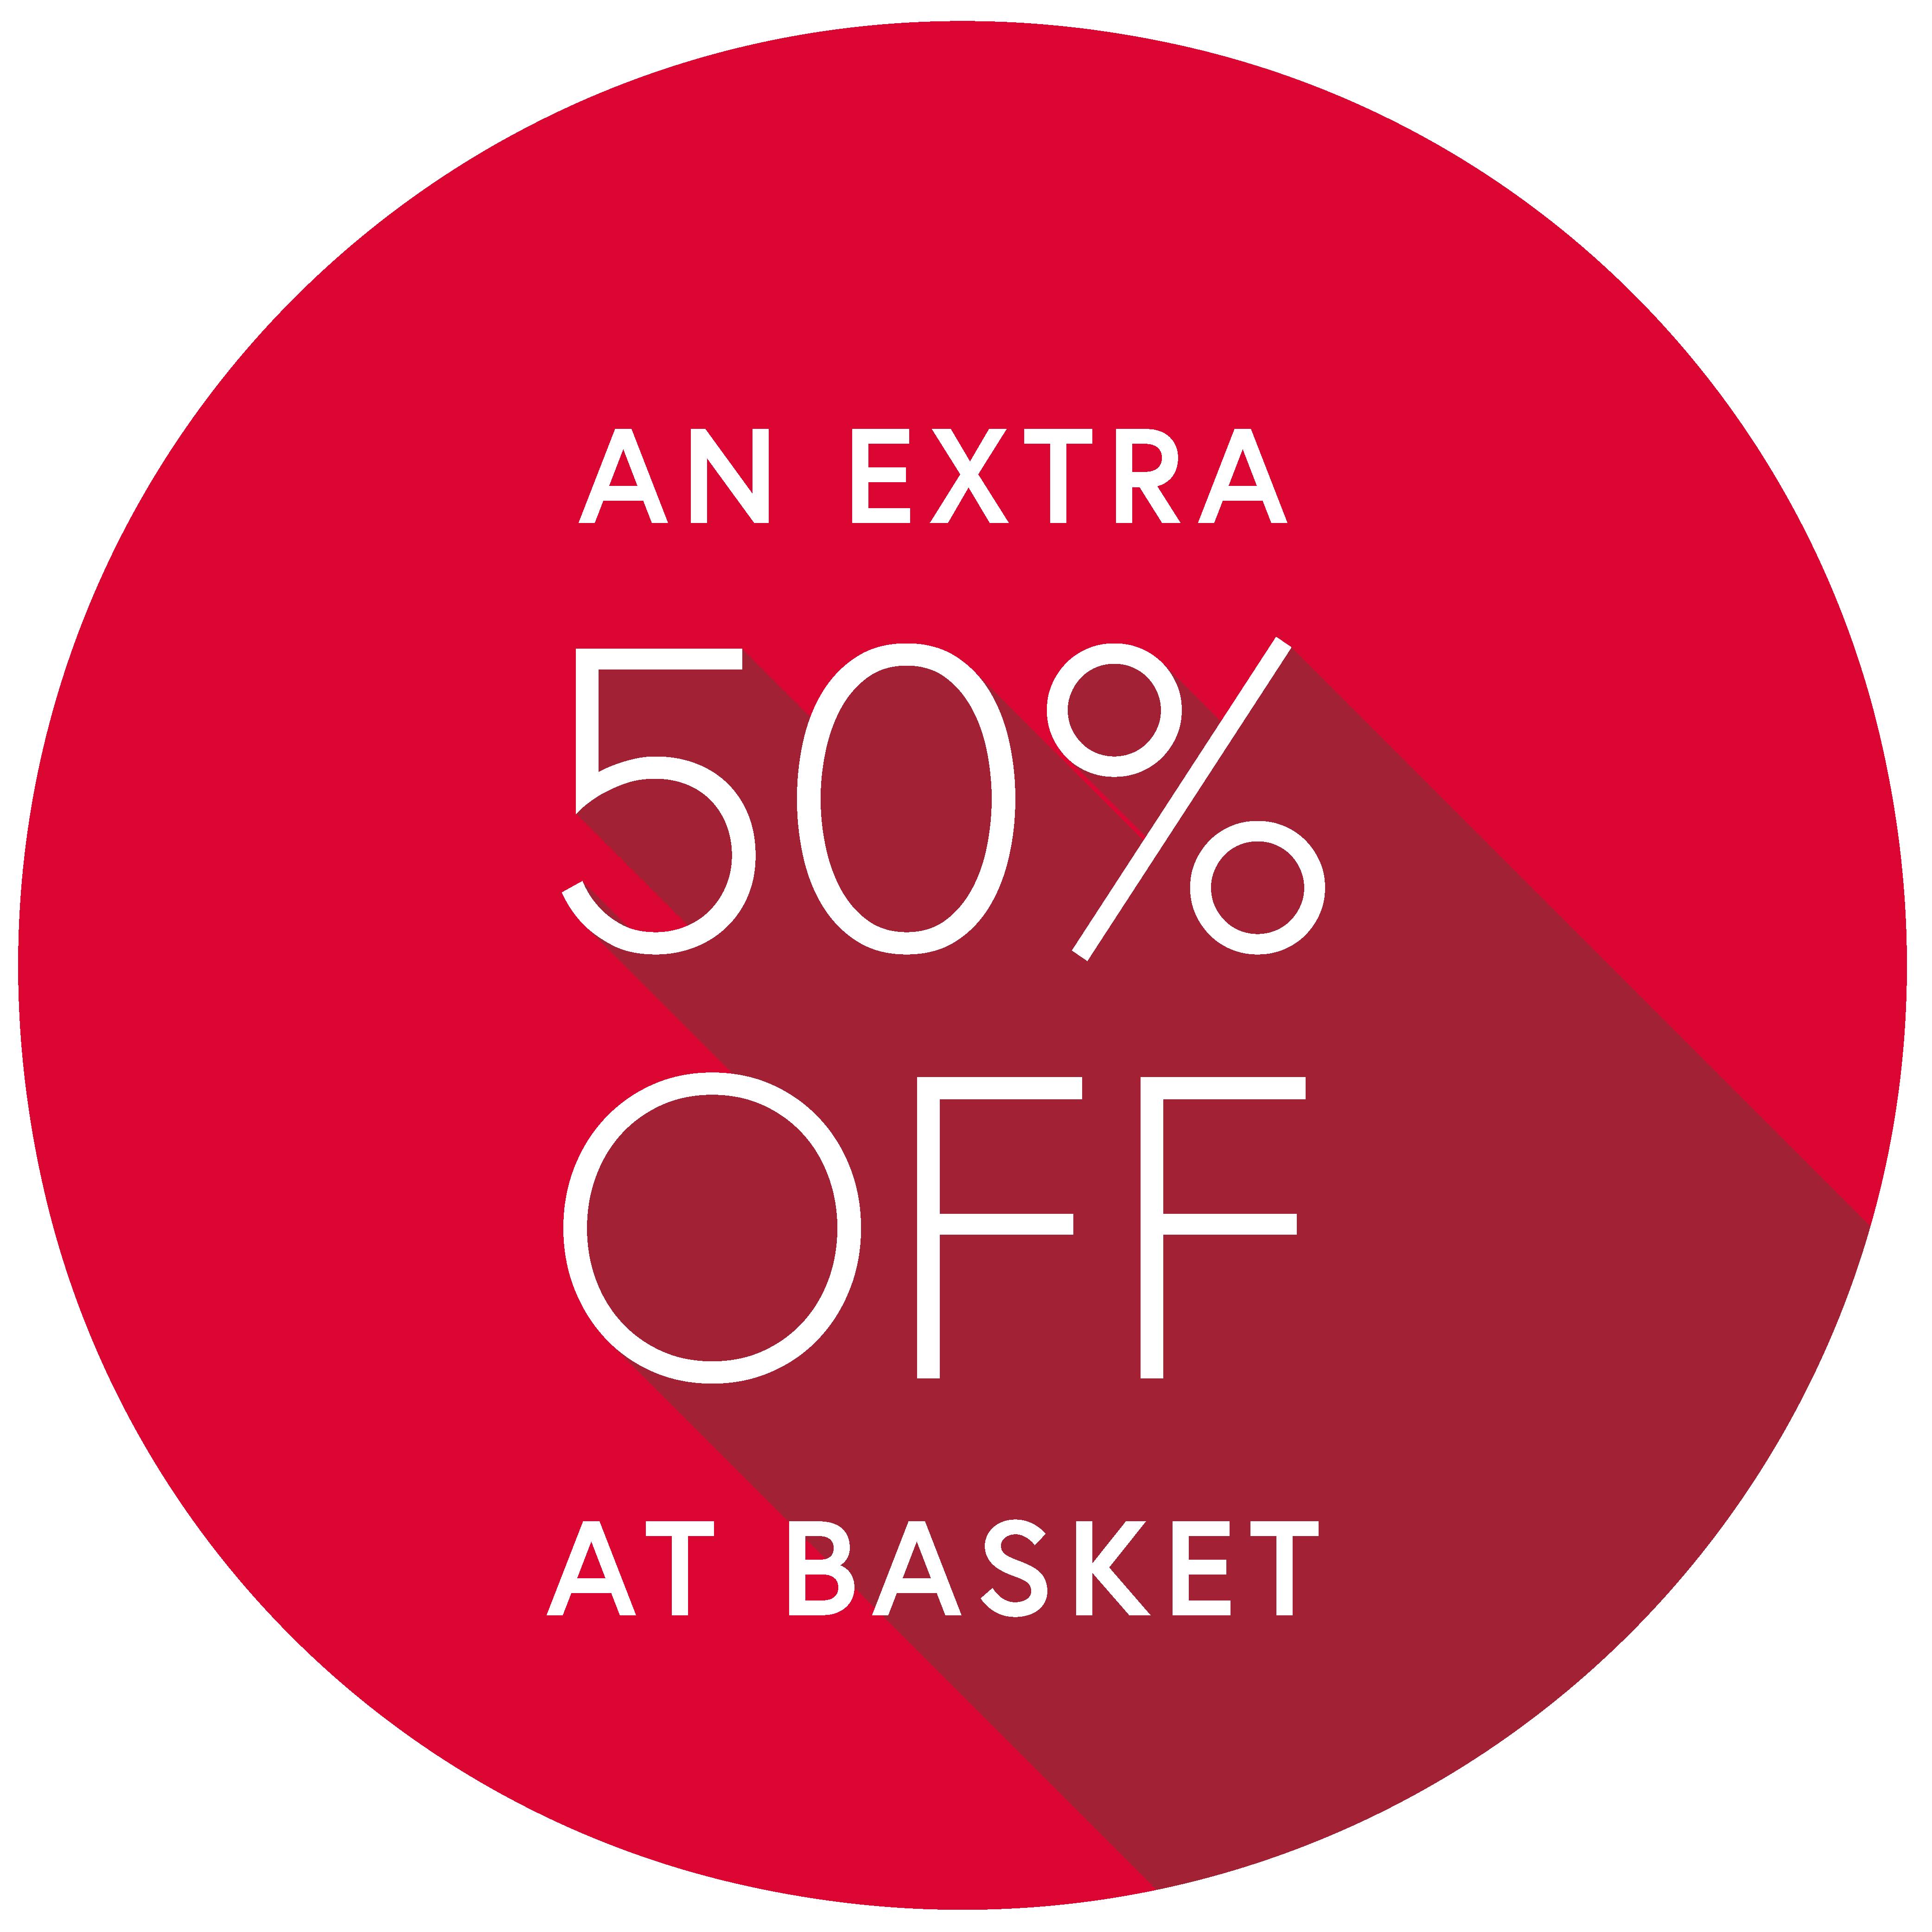 50% off at basket